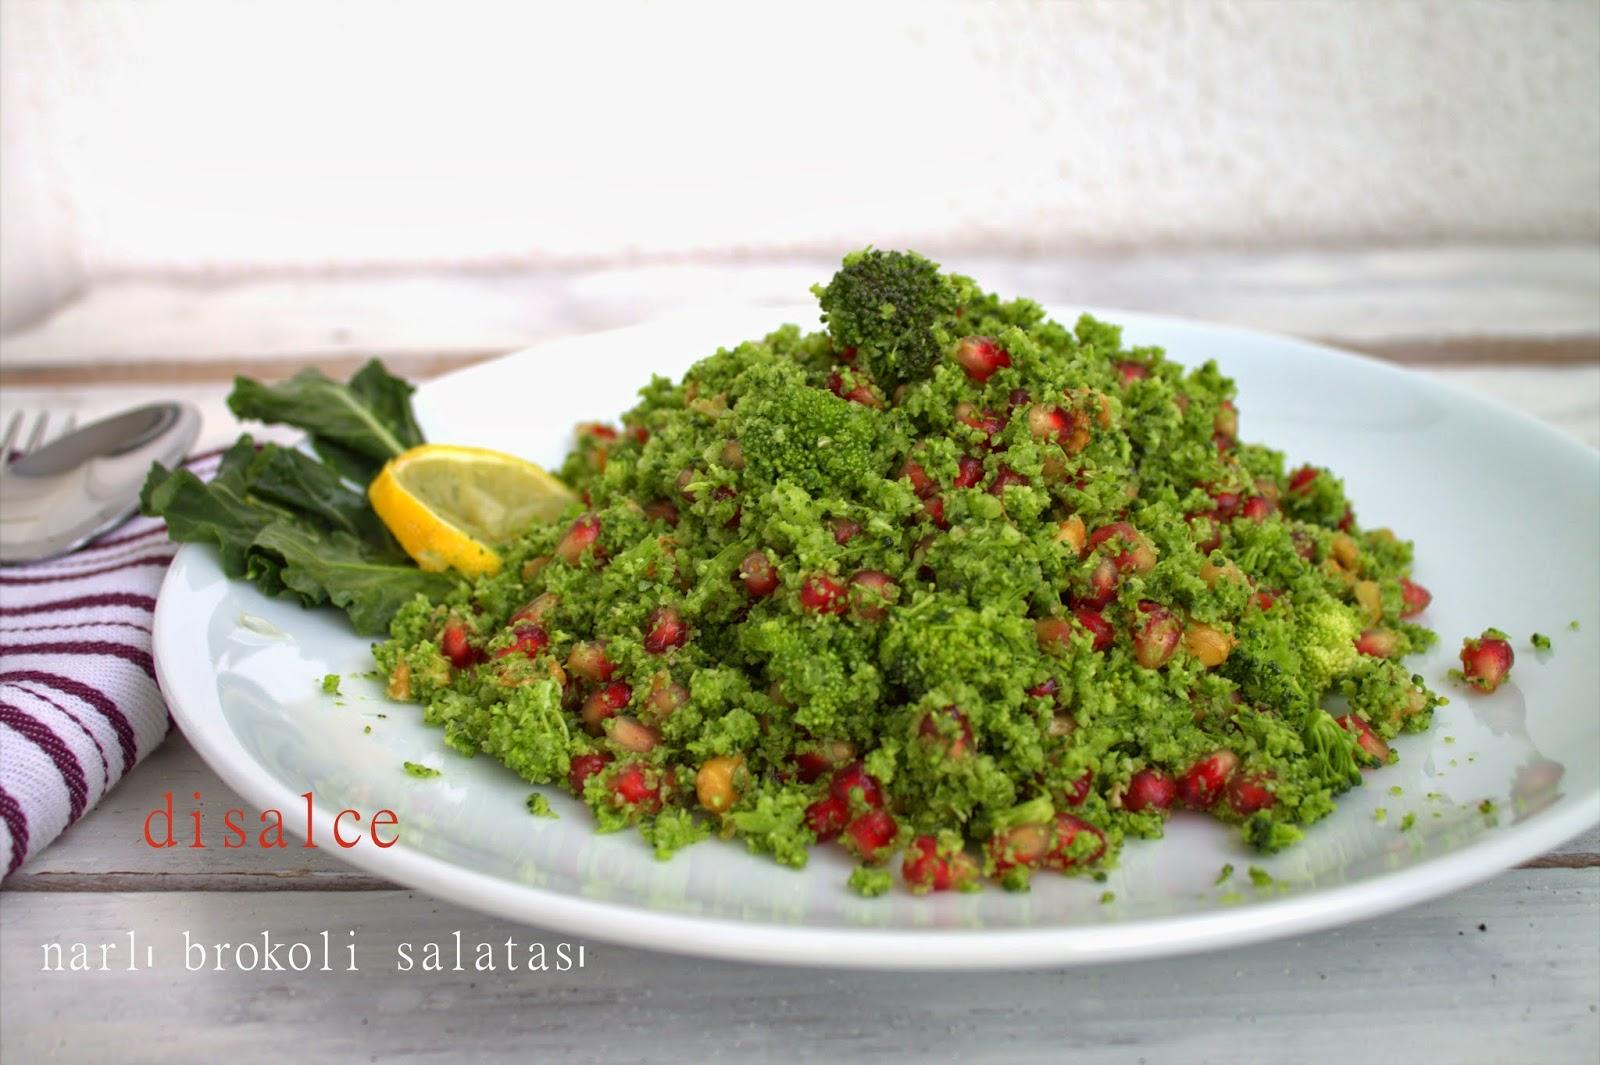 narlı brokoli